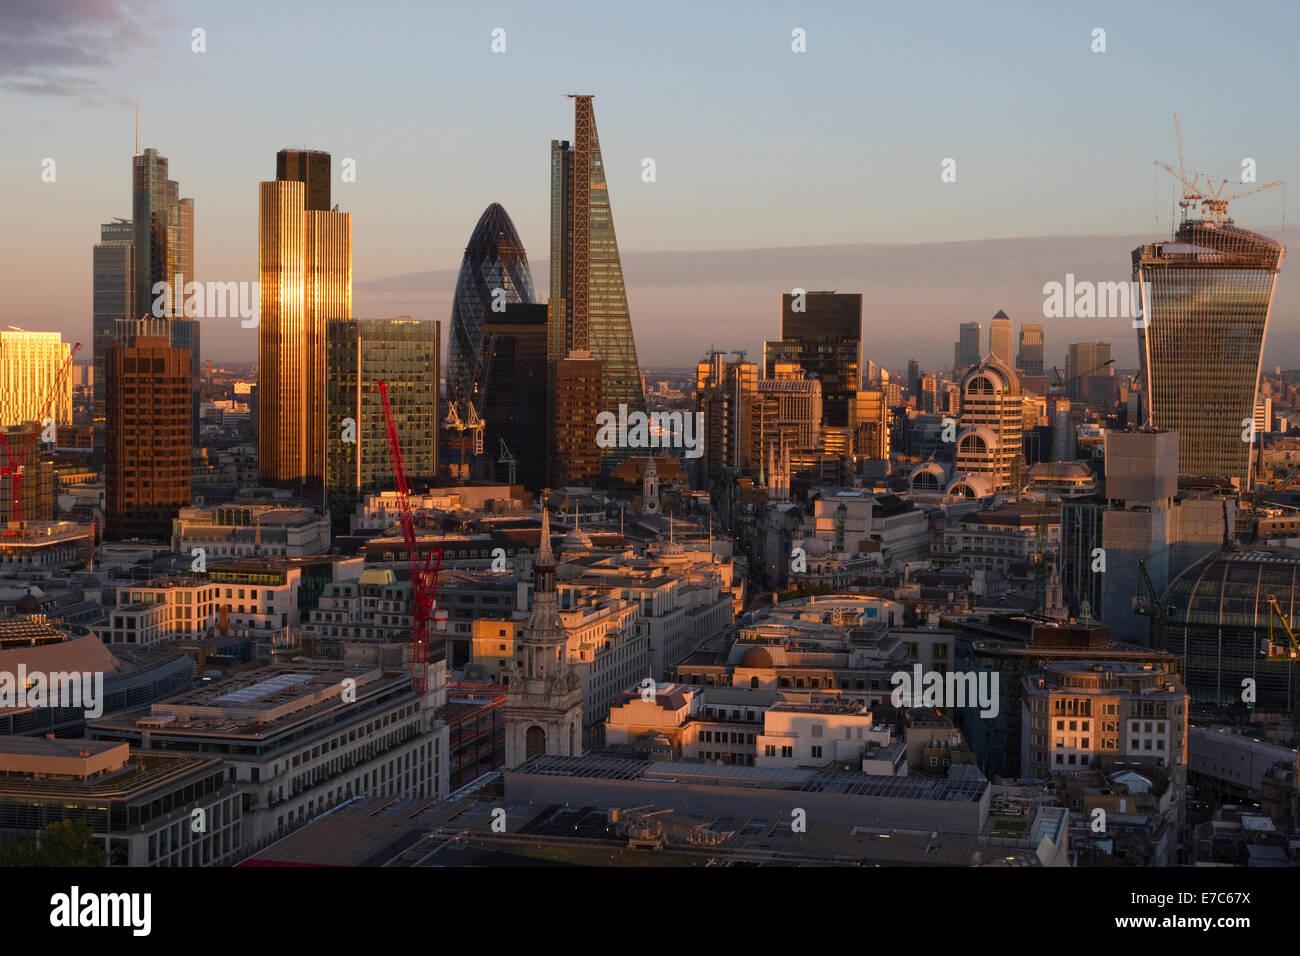 Dieses Bild zeigt einen Blick auf die City of London von der Golden Gallery von St. Pauls Cathedral, London, England, Stockbild